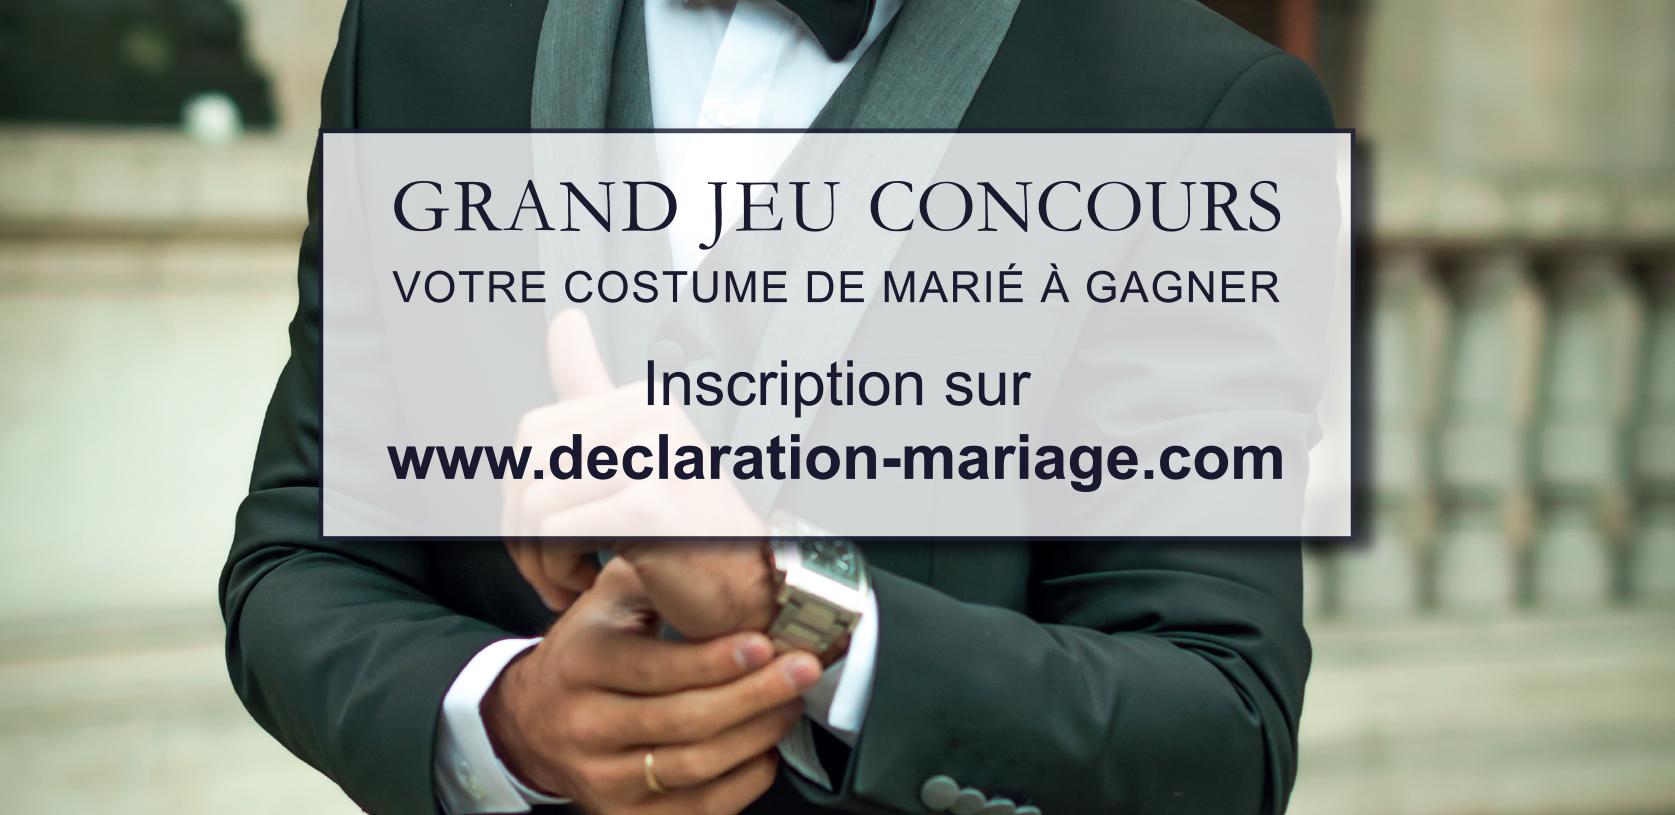 Jeu Concours Declaration Mariage Votre Costume De Marie A Gagner